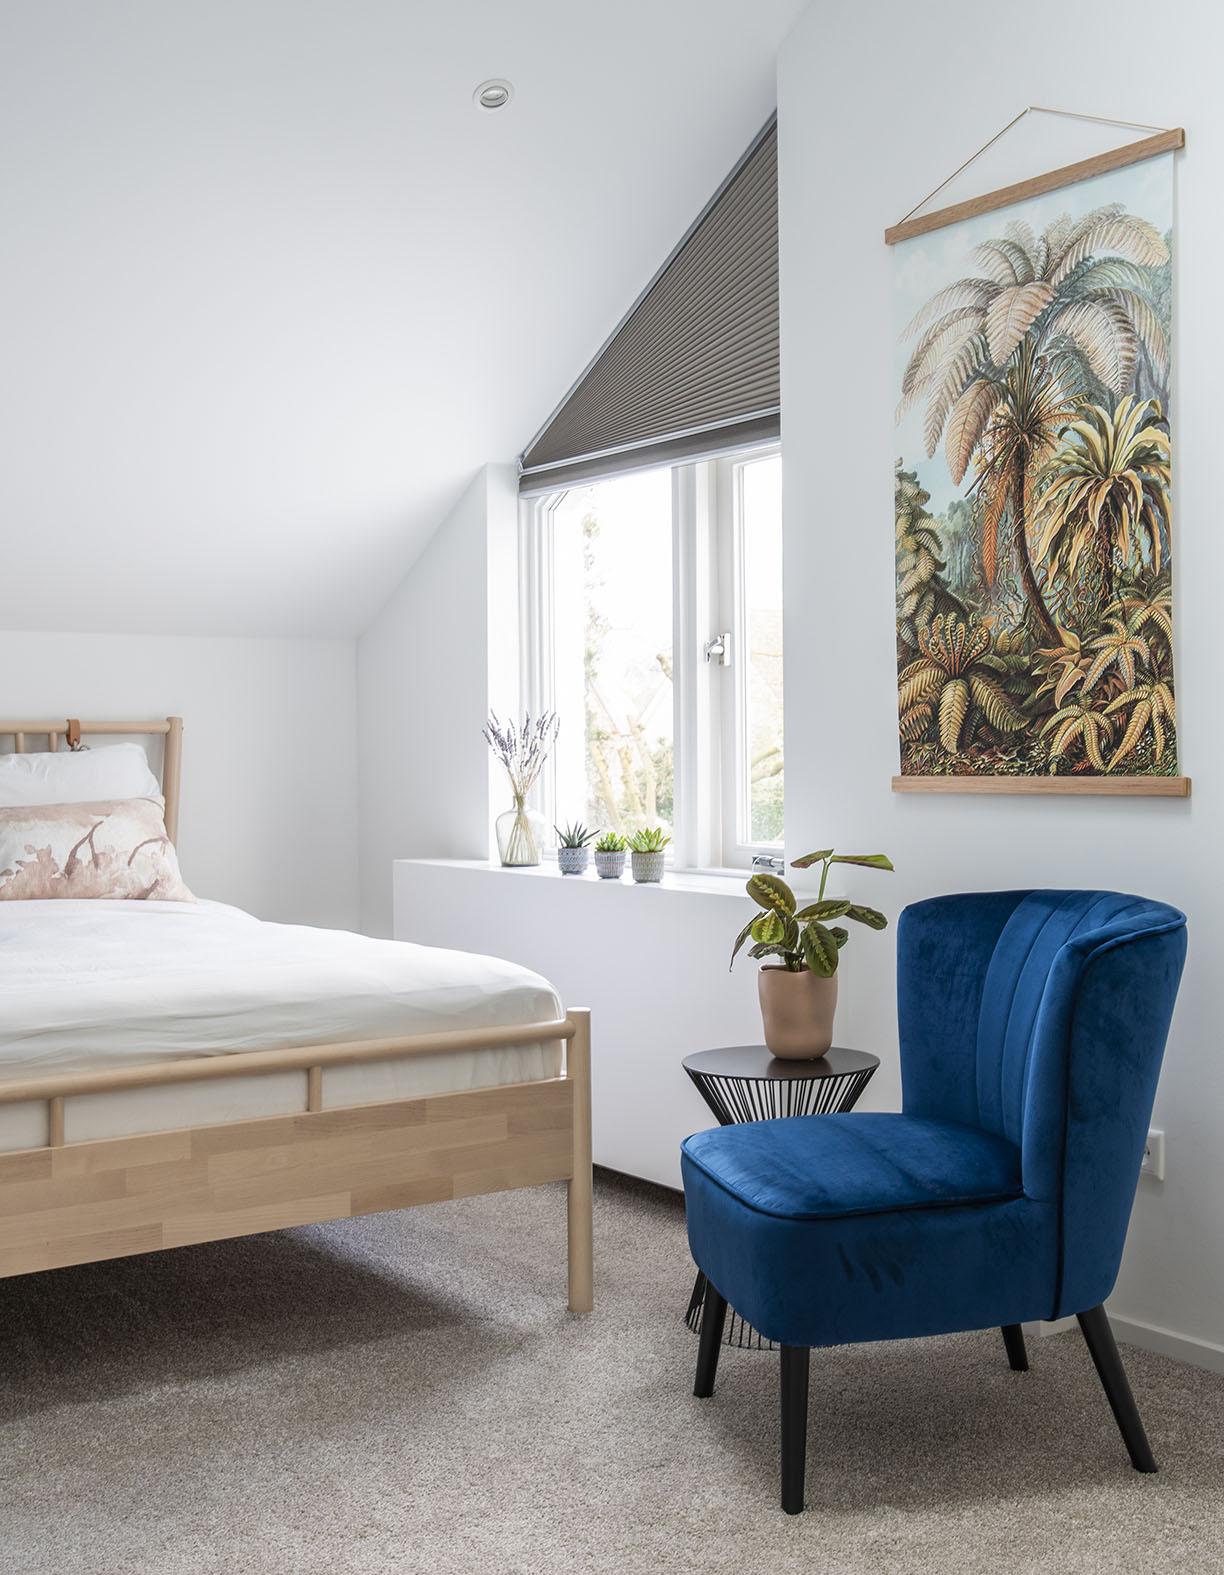 zolder slaapkamer schuin dak interieuradvies Den Bosch interieurontwerp